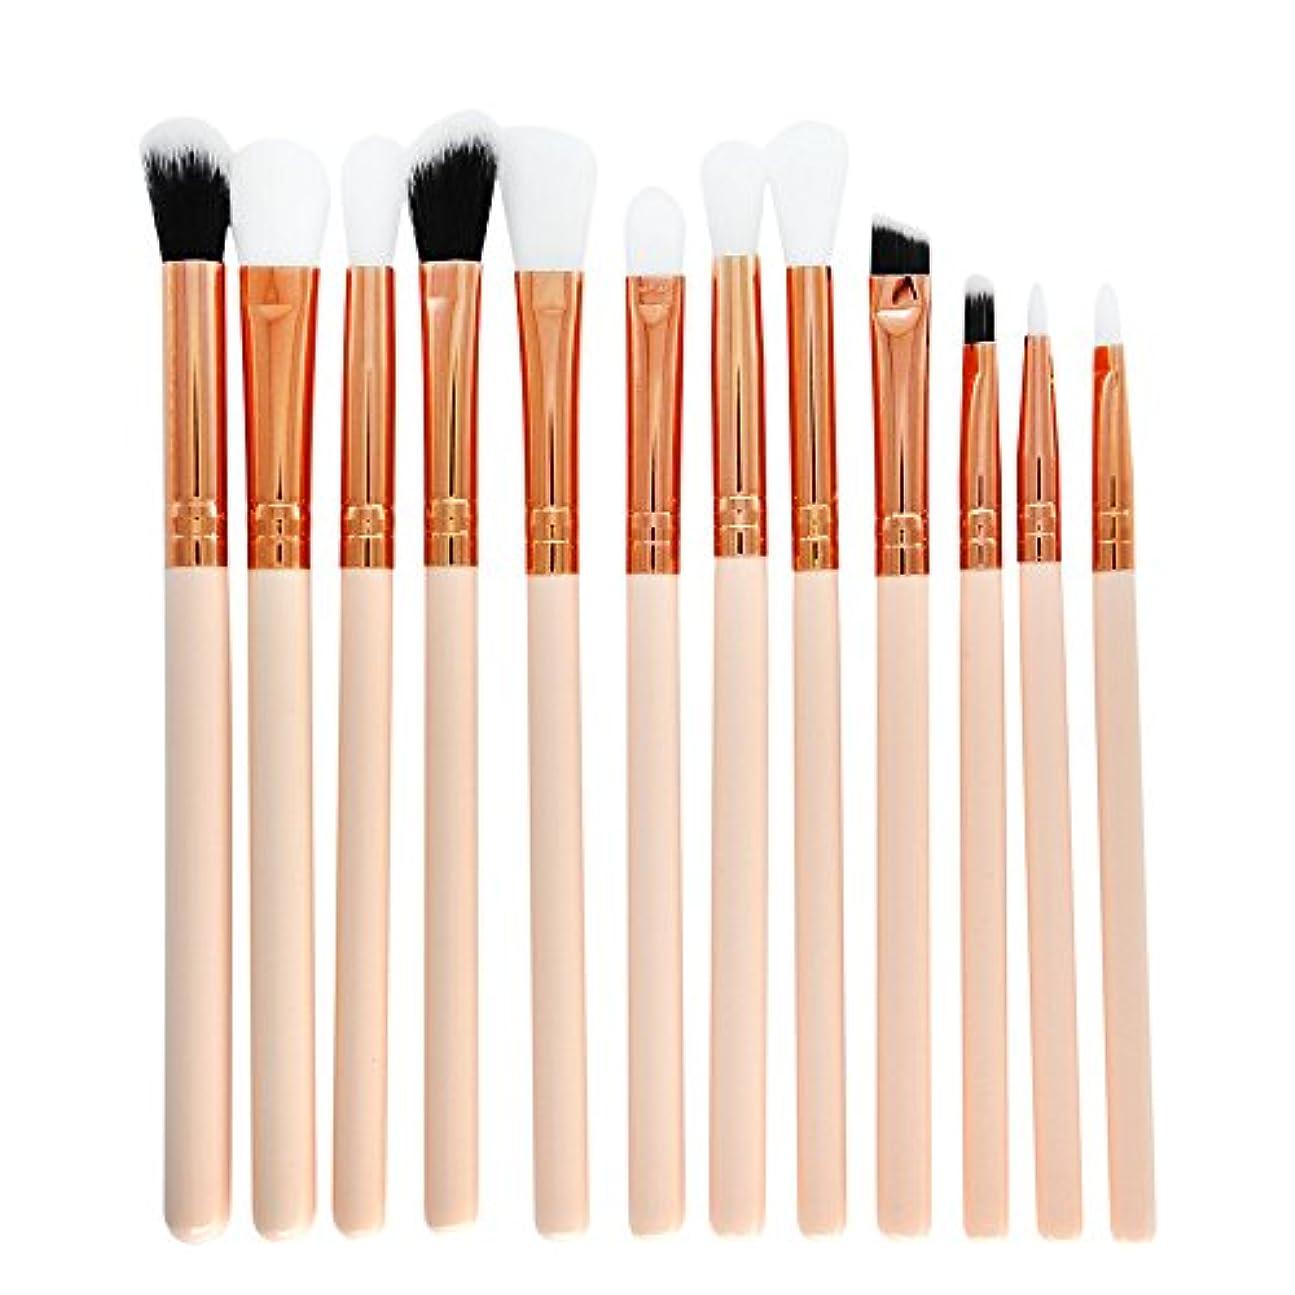 残忍な正しい最終的に12 本セット化粧筆 | メイクアップブラシセット アイシャドウメイクブラシ| コスメチック化粧ブラシキットビューティーツール (ホワイト)